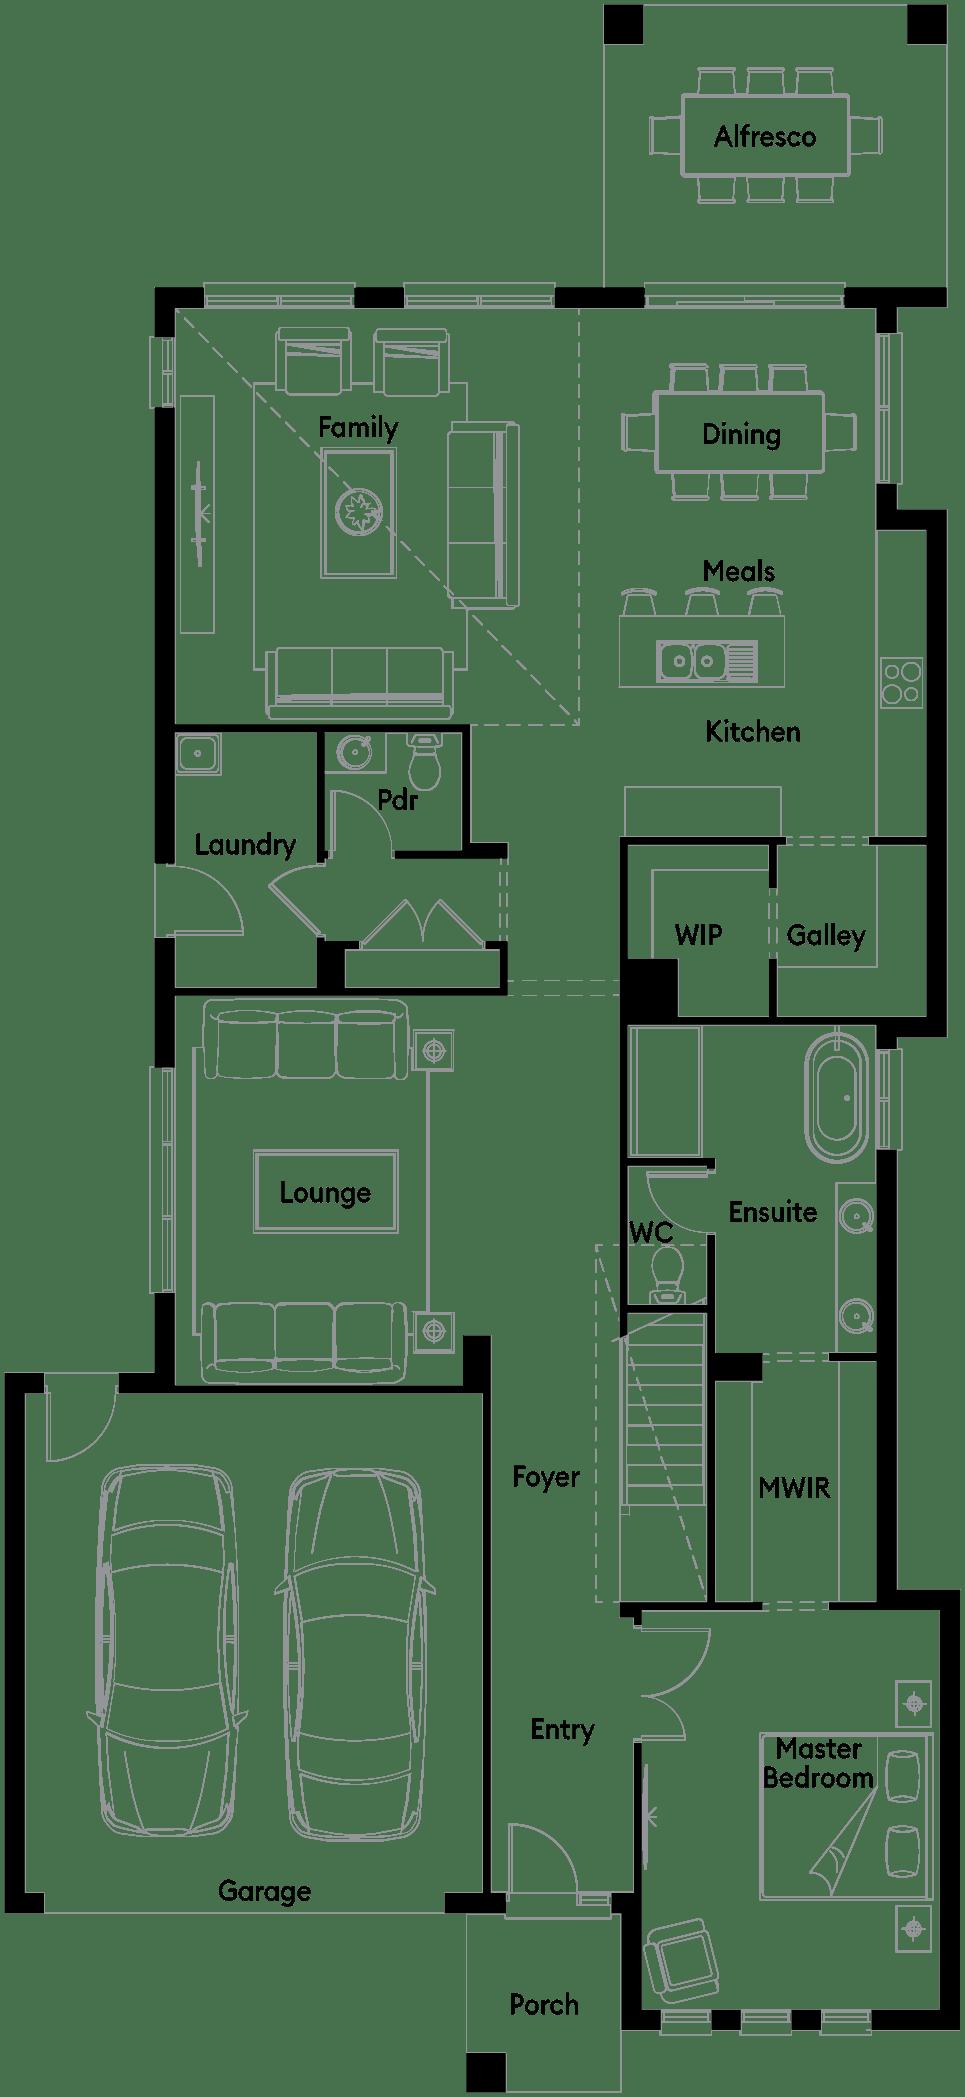 FloorPlan1_HOUSE848_Sandford_42P-01